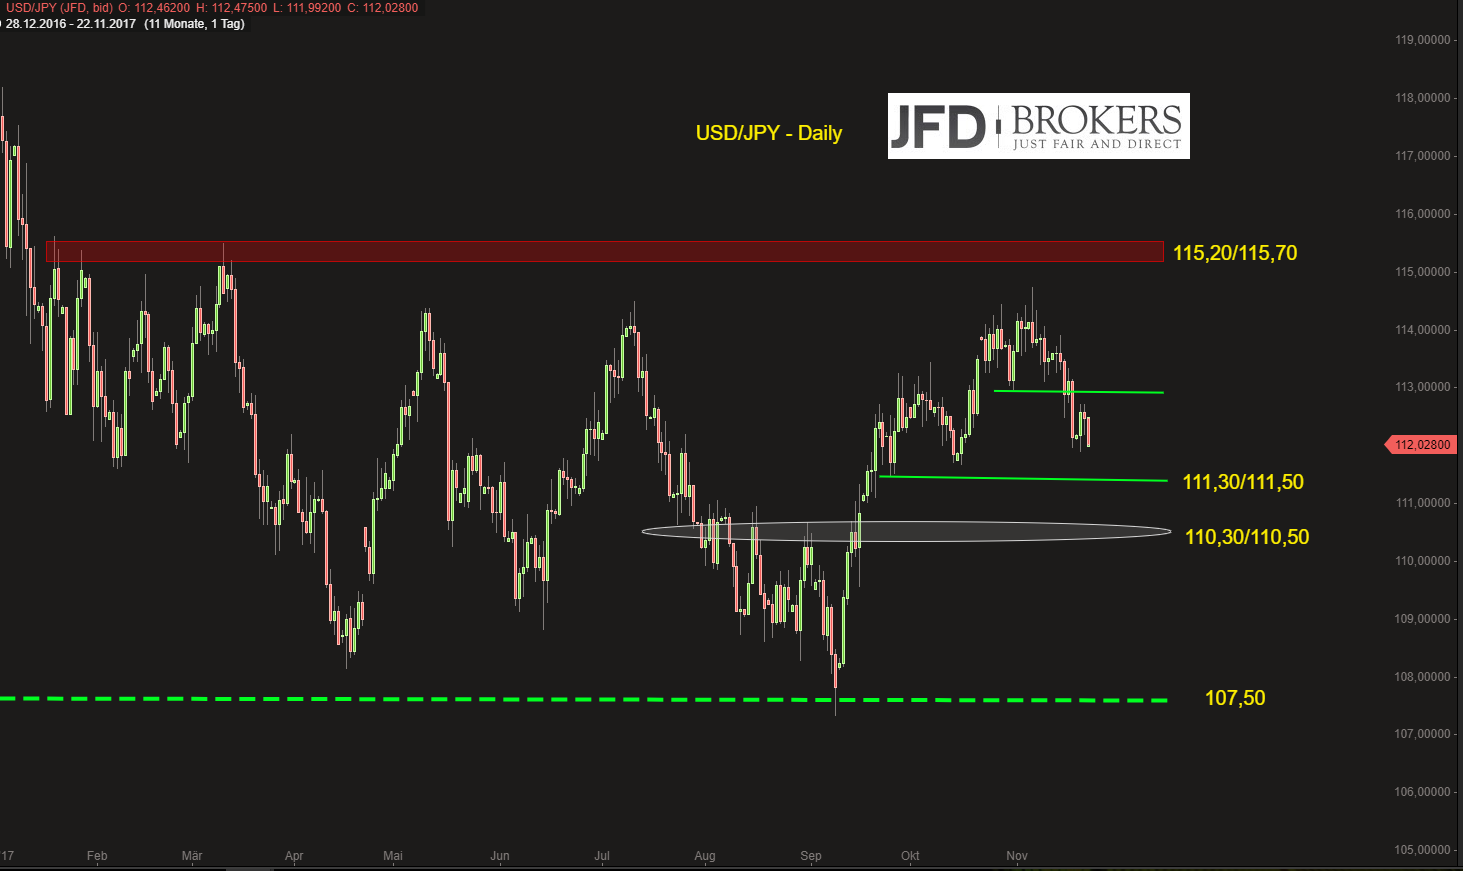 USD-JPY-Sentiment-Extrem-im-CoT-und-FED-im-Dezember-das-wird-spannend-Kommentar-JFD-Brokers-GodmodeTrader.de-3